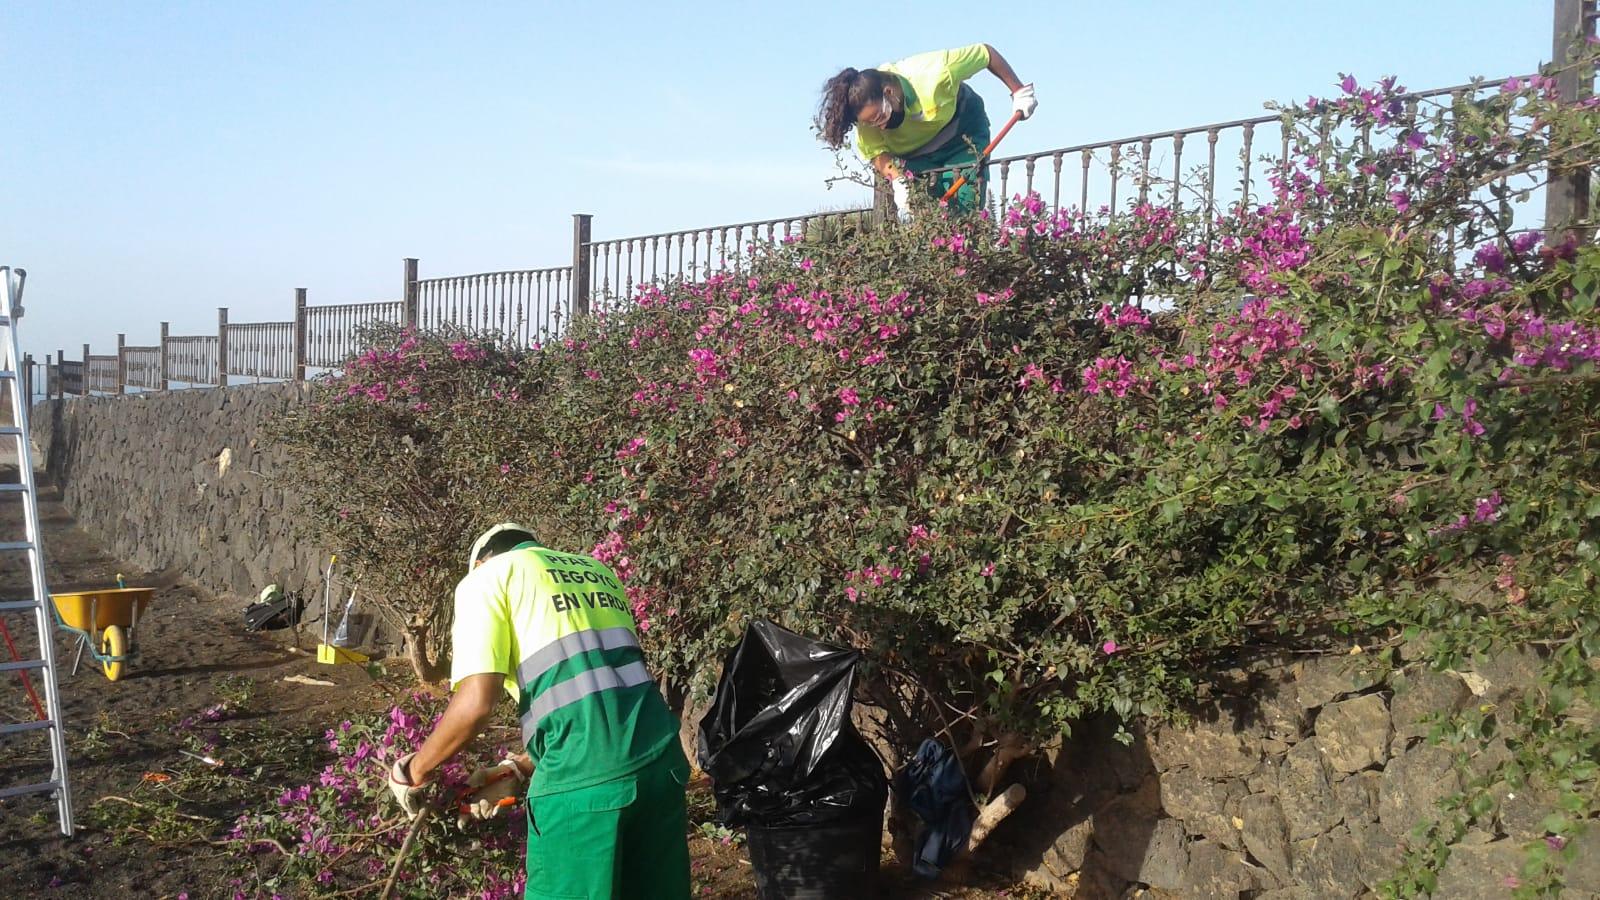 Los planes de empleo de Tías permiten que 45 personas mejoren la jardinería, construcción y limpieza del municipio